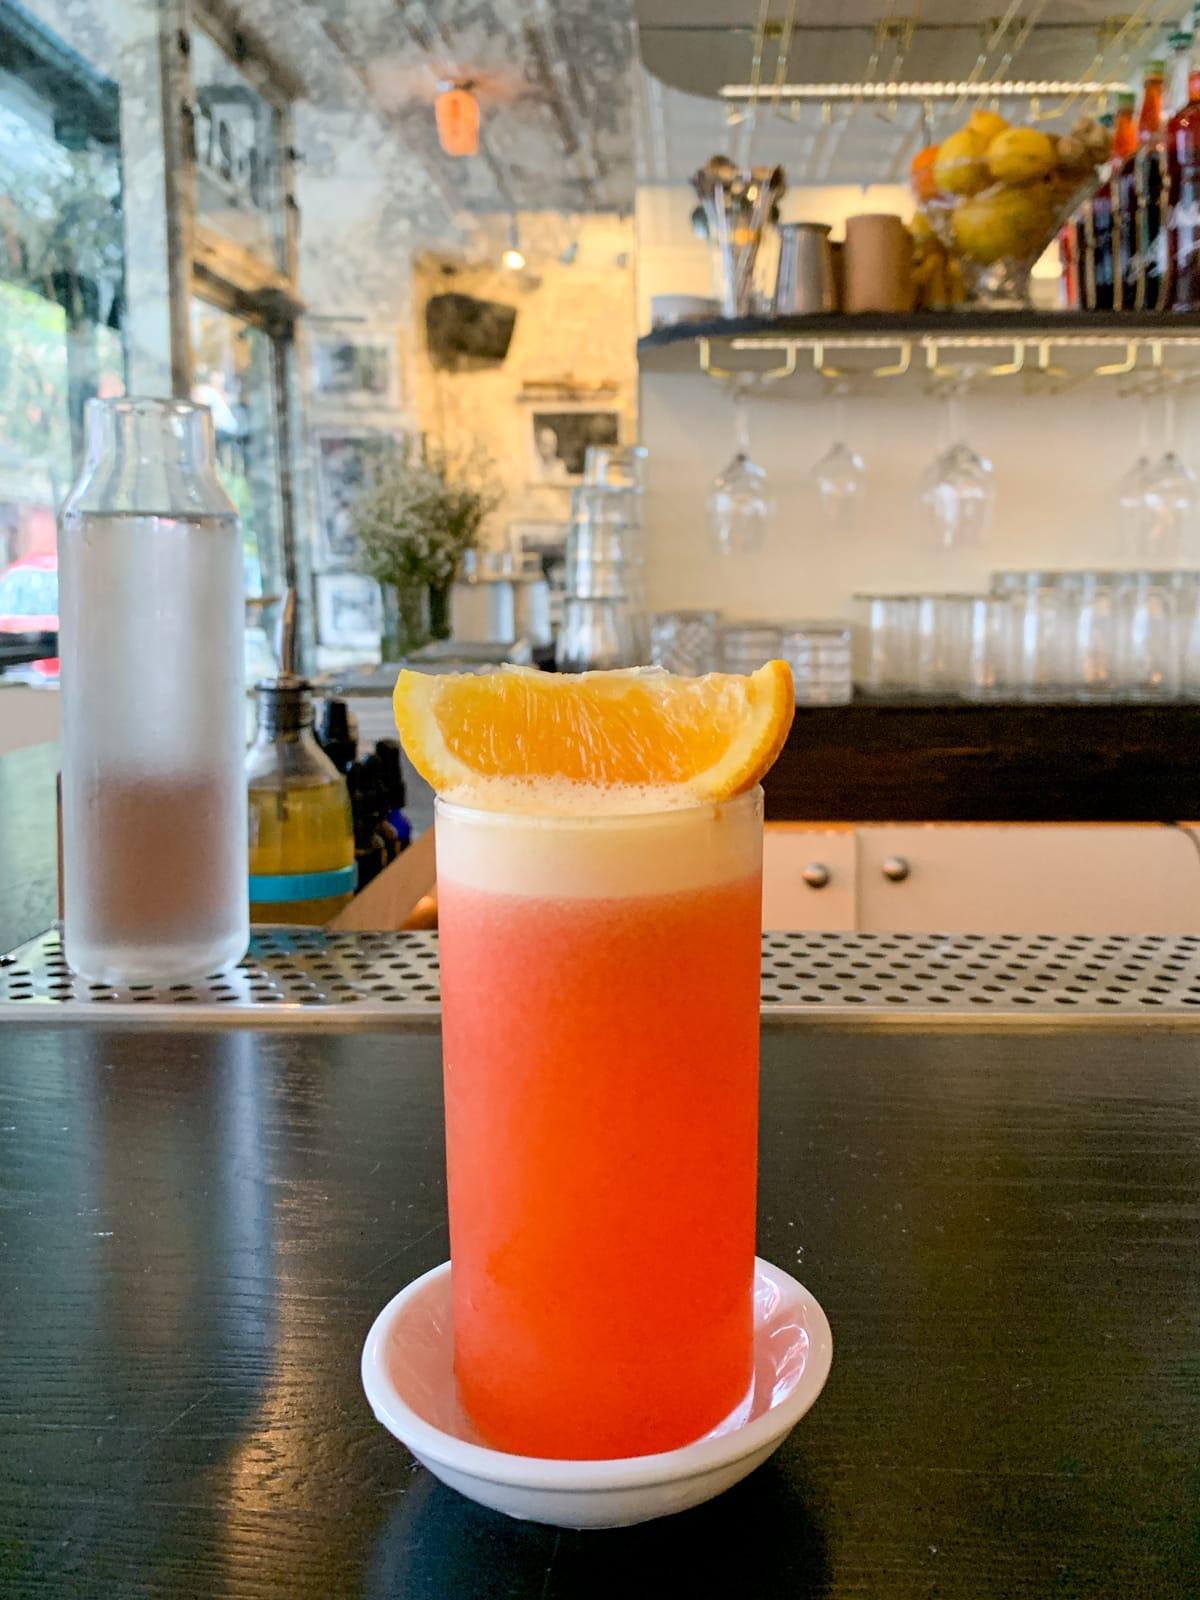 Garibaldi at Dante, one of the world's best bars